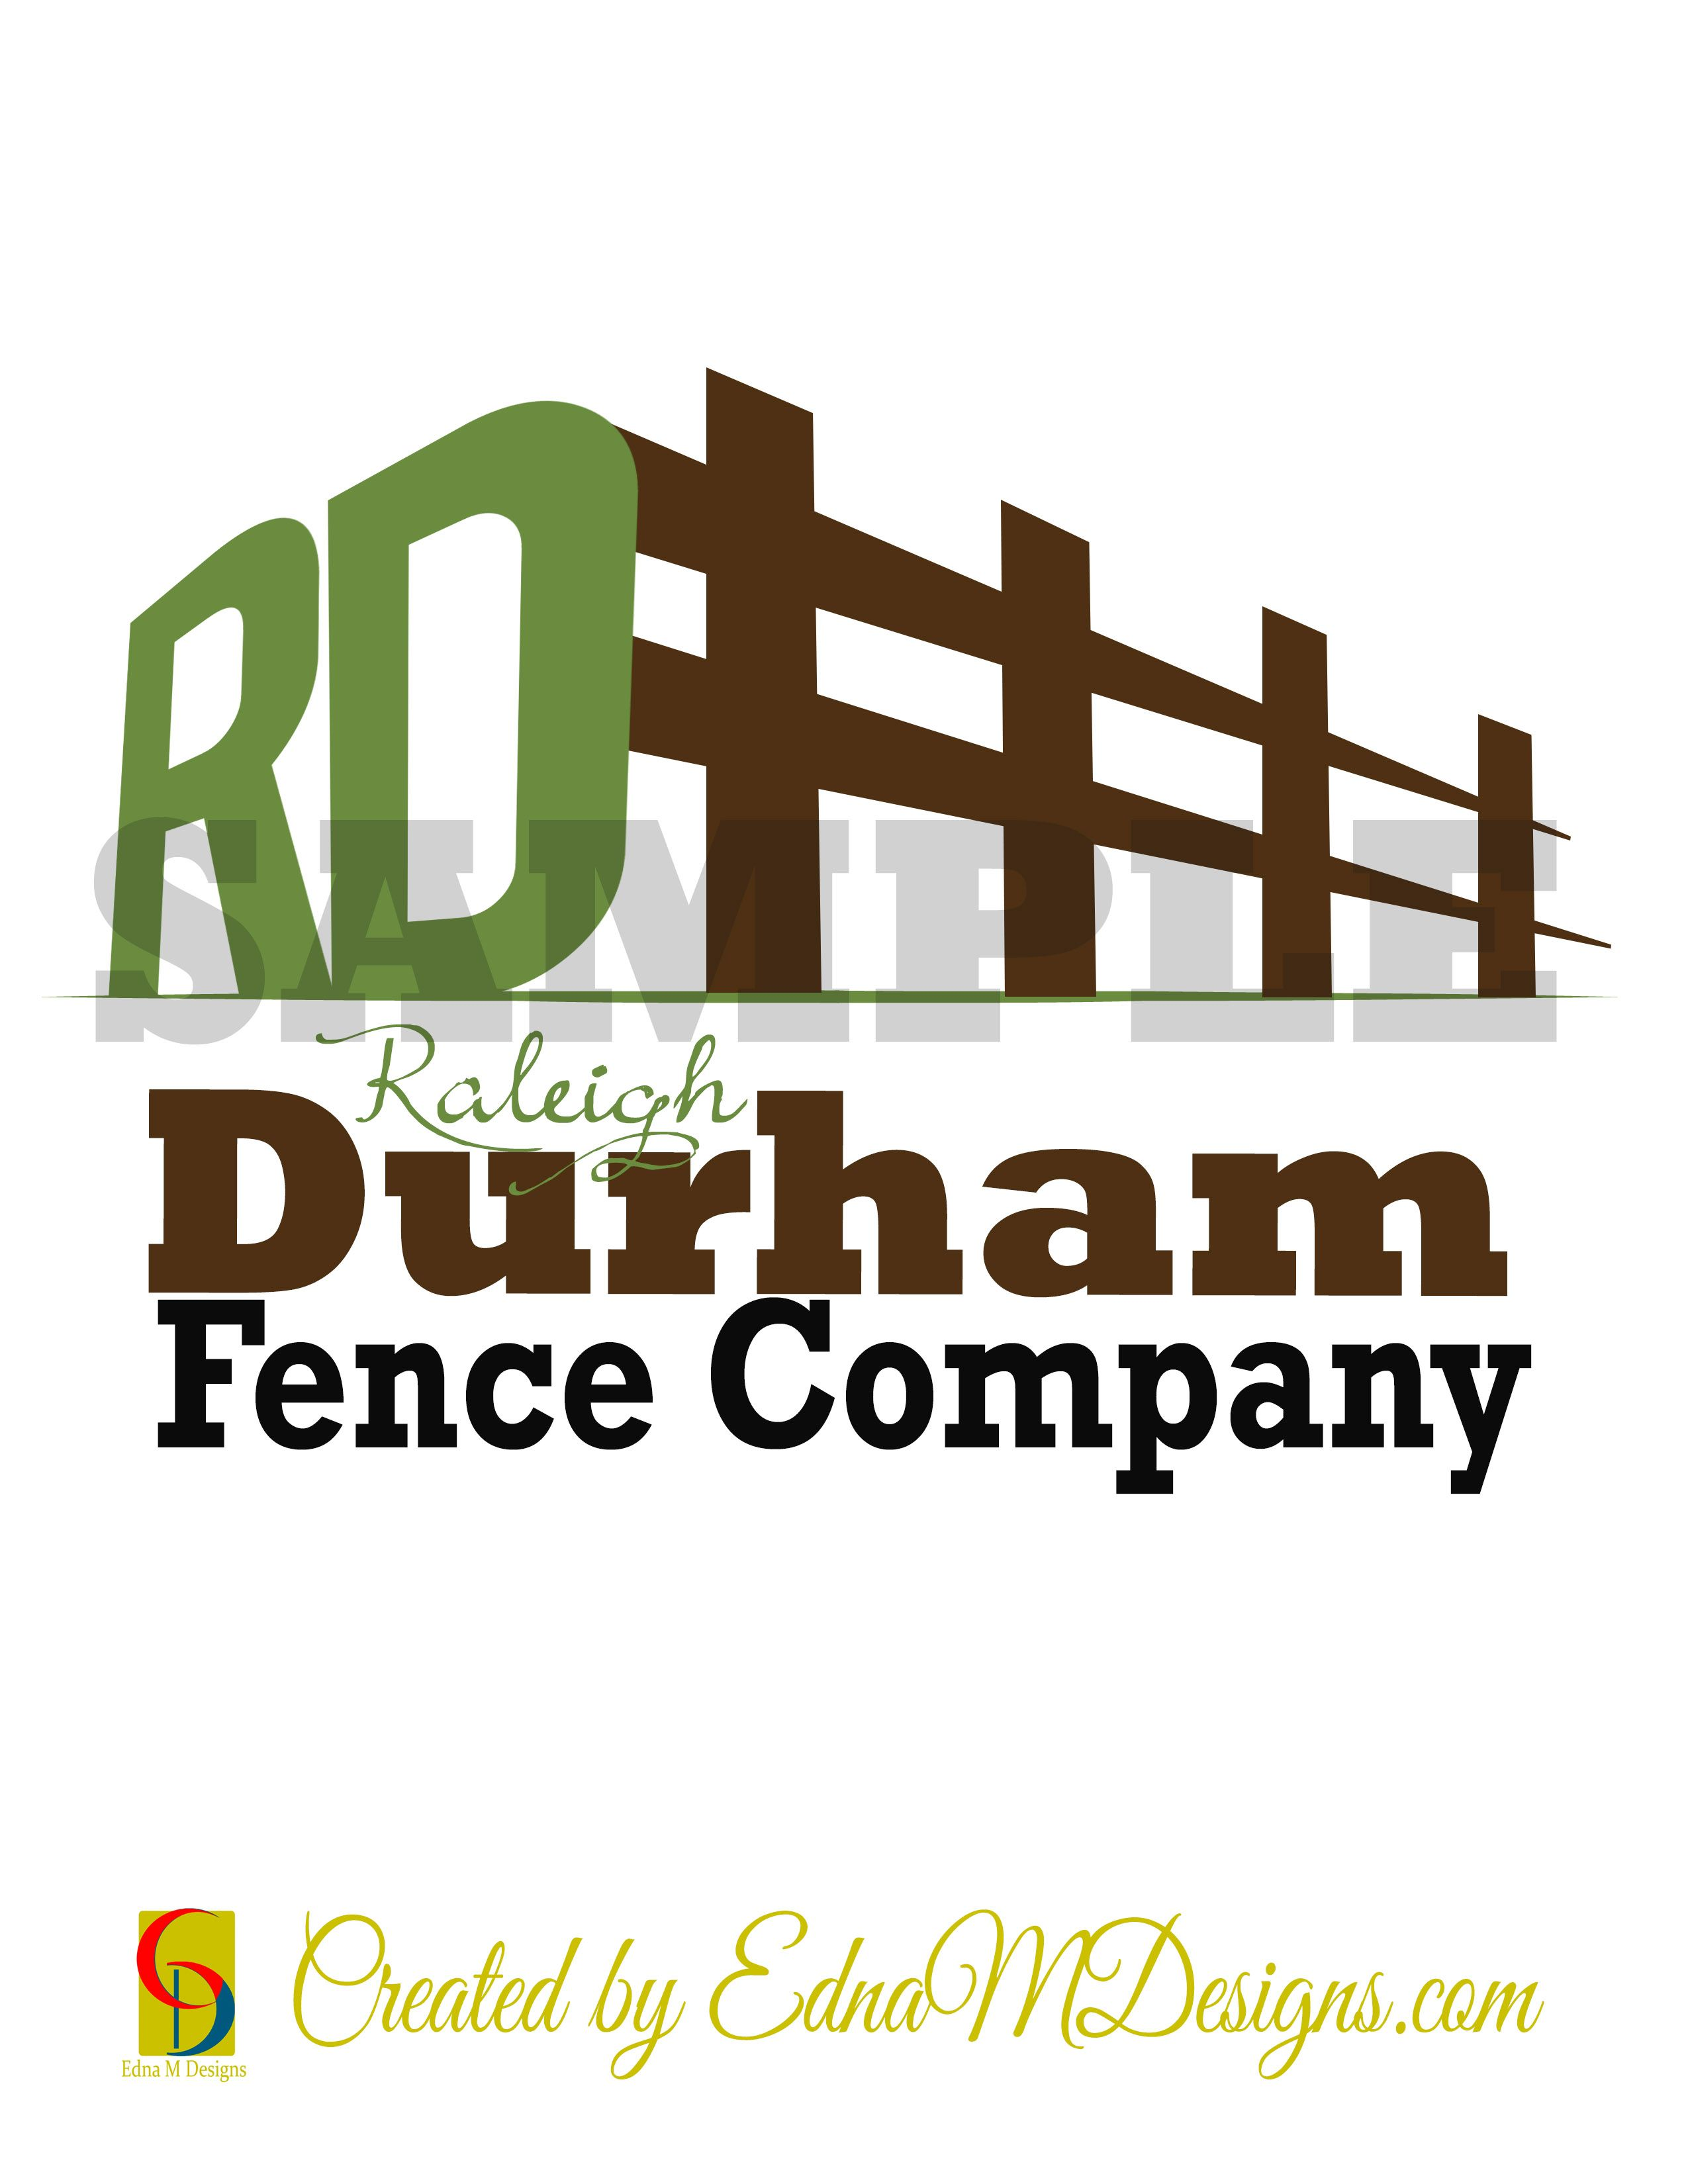 Fence Company Logo Design by Company